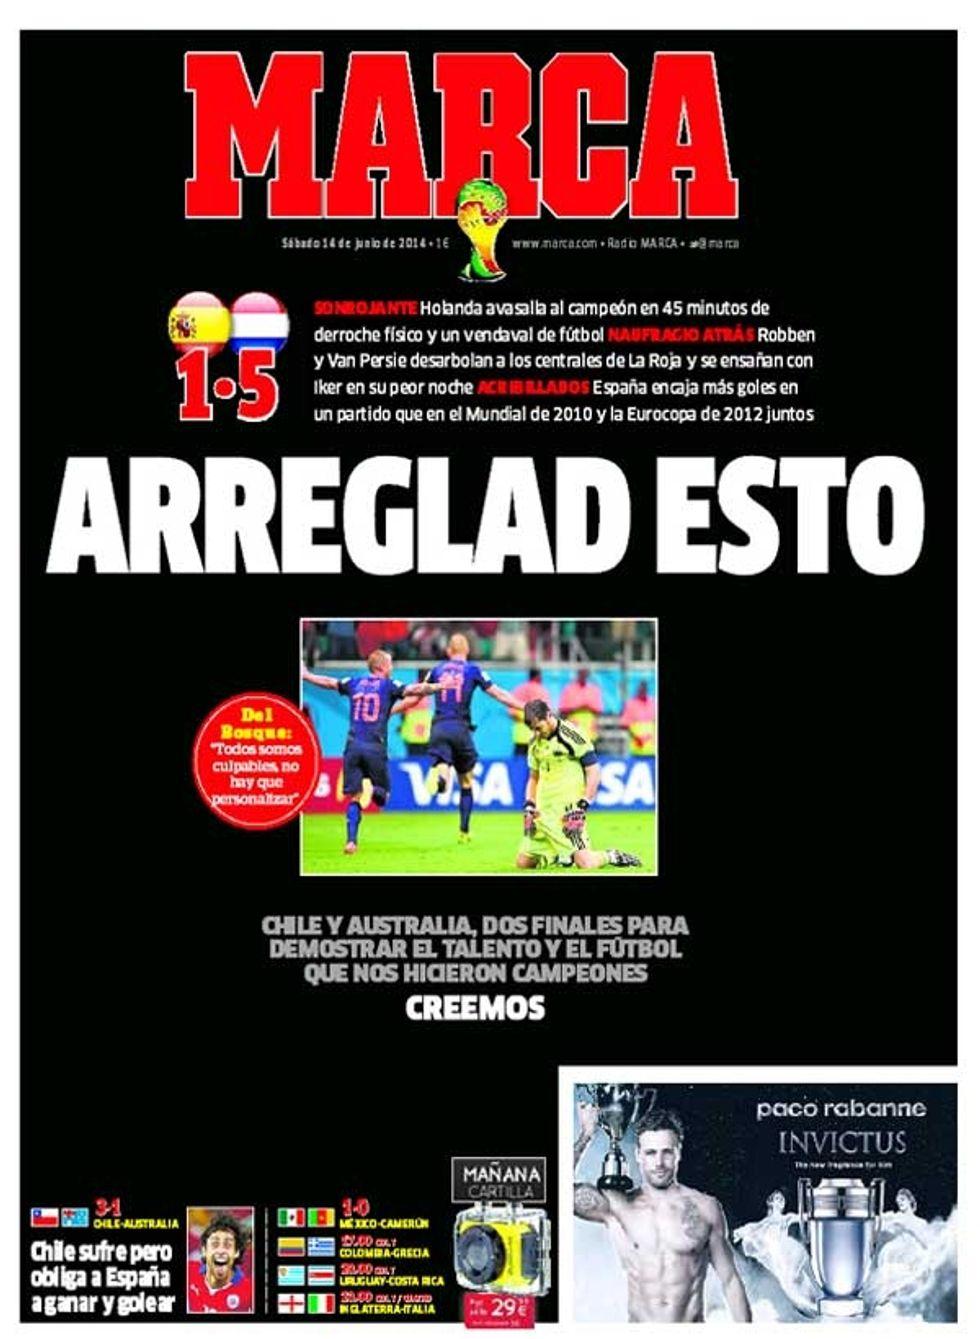 ... E Marca esce a lutto per la Spagna travolta